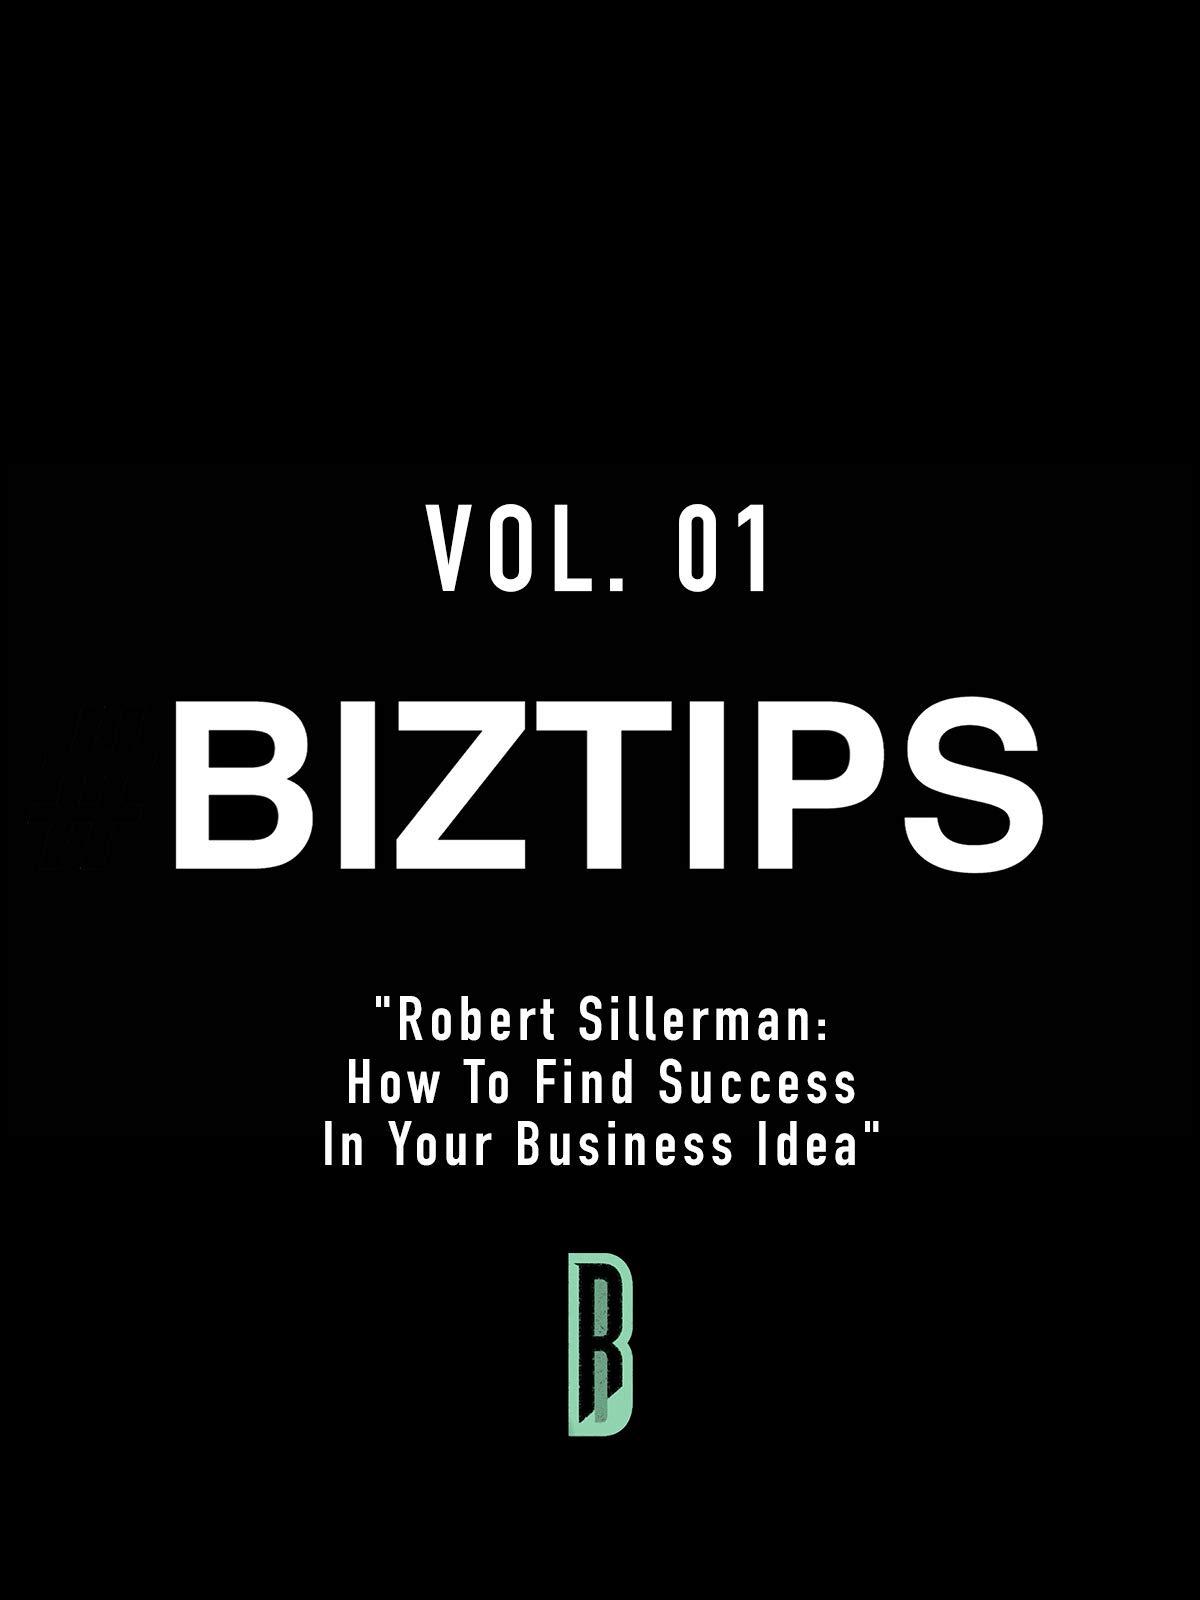 BizTips Vol. 01